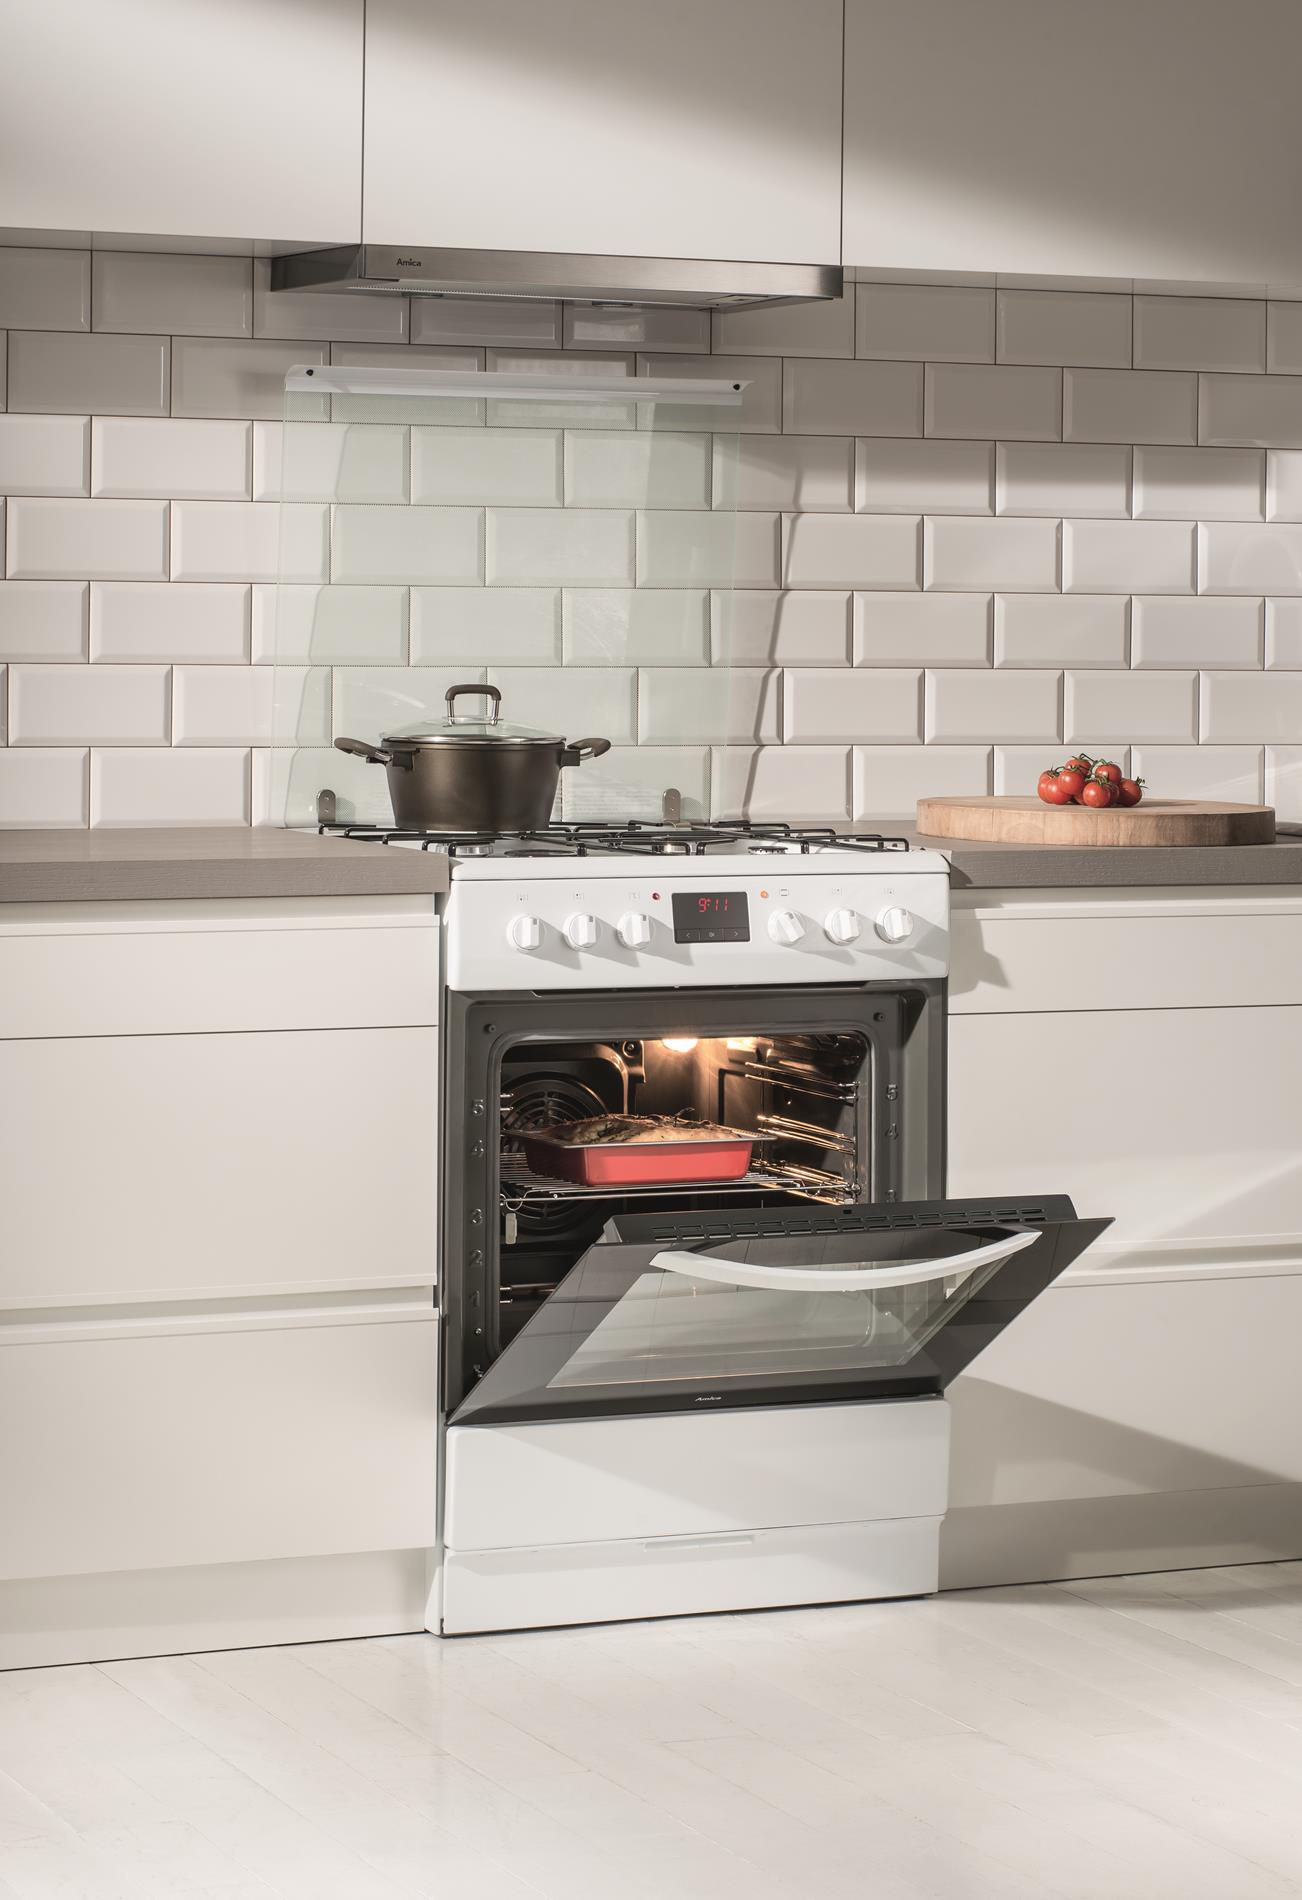 Kuchnia wolnostojąca gazowo elektryczna 600 620GE3